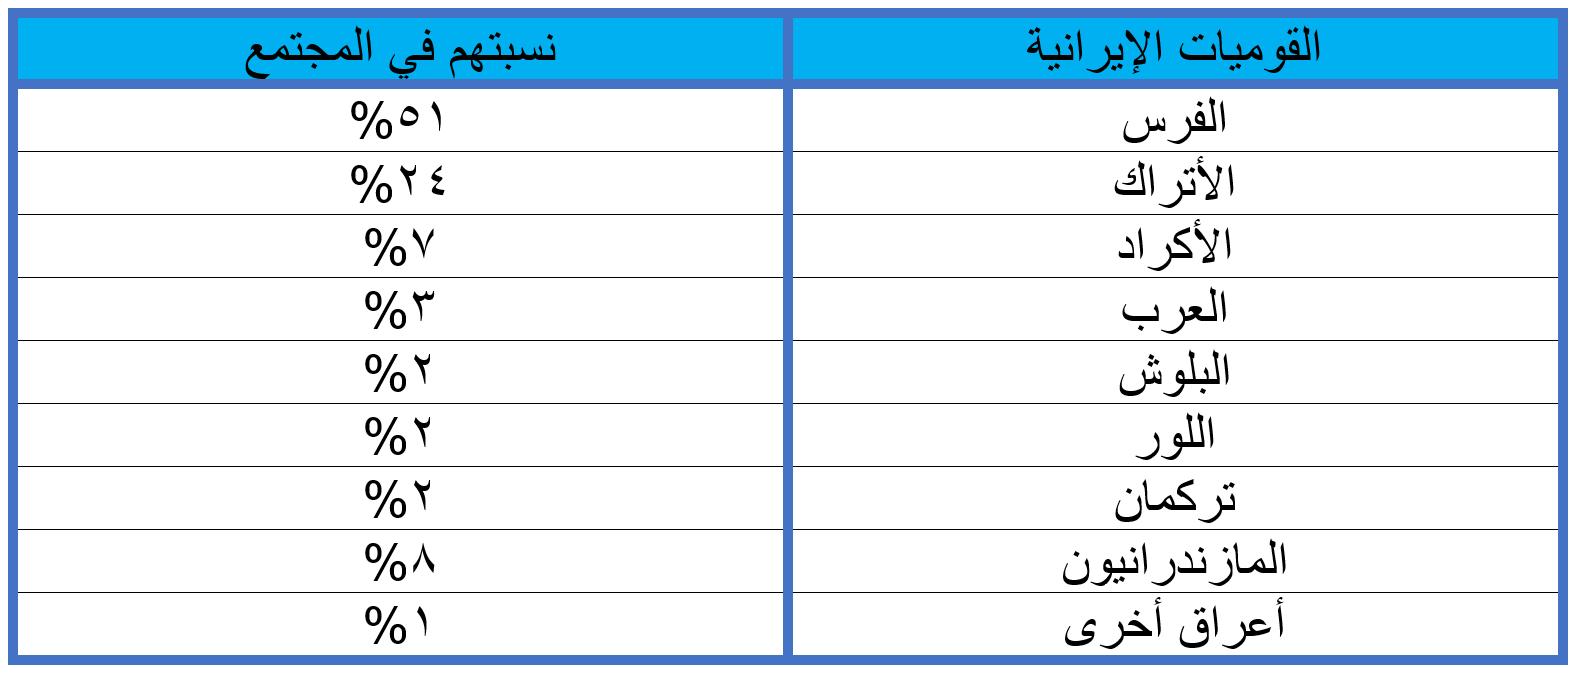 توزيع القوميات الإيرانية